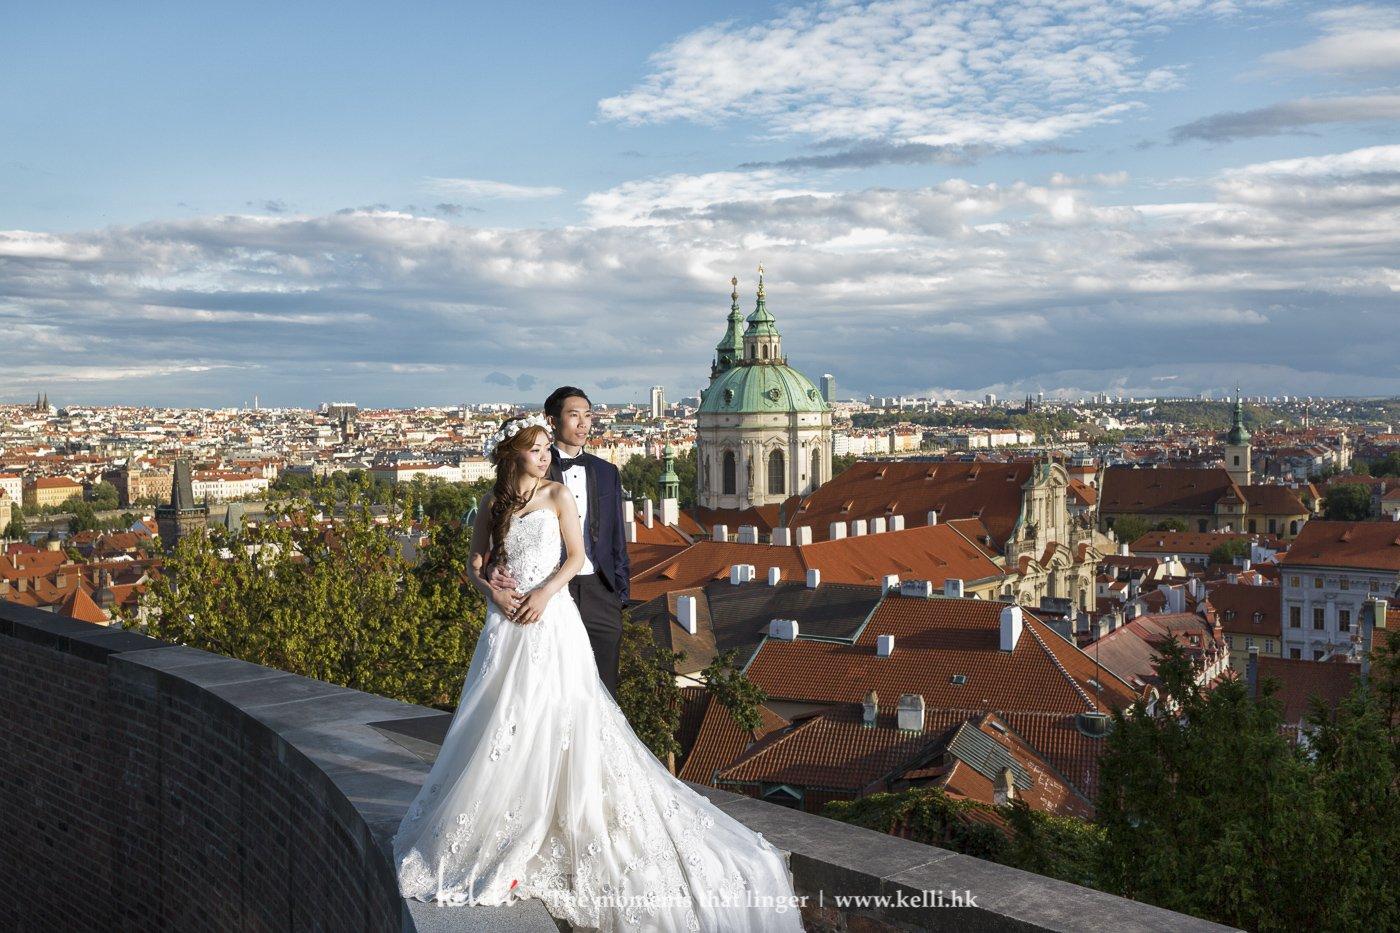 布拉格之仲夏 | Summer of Prague